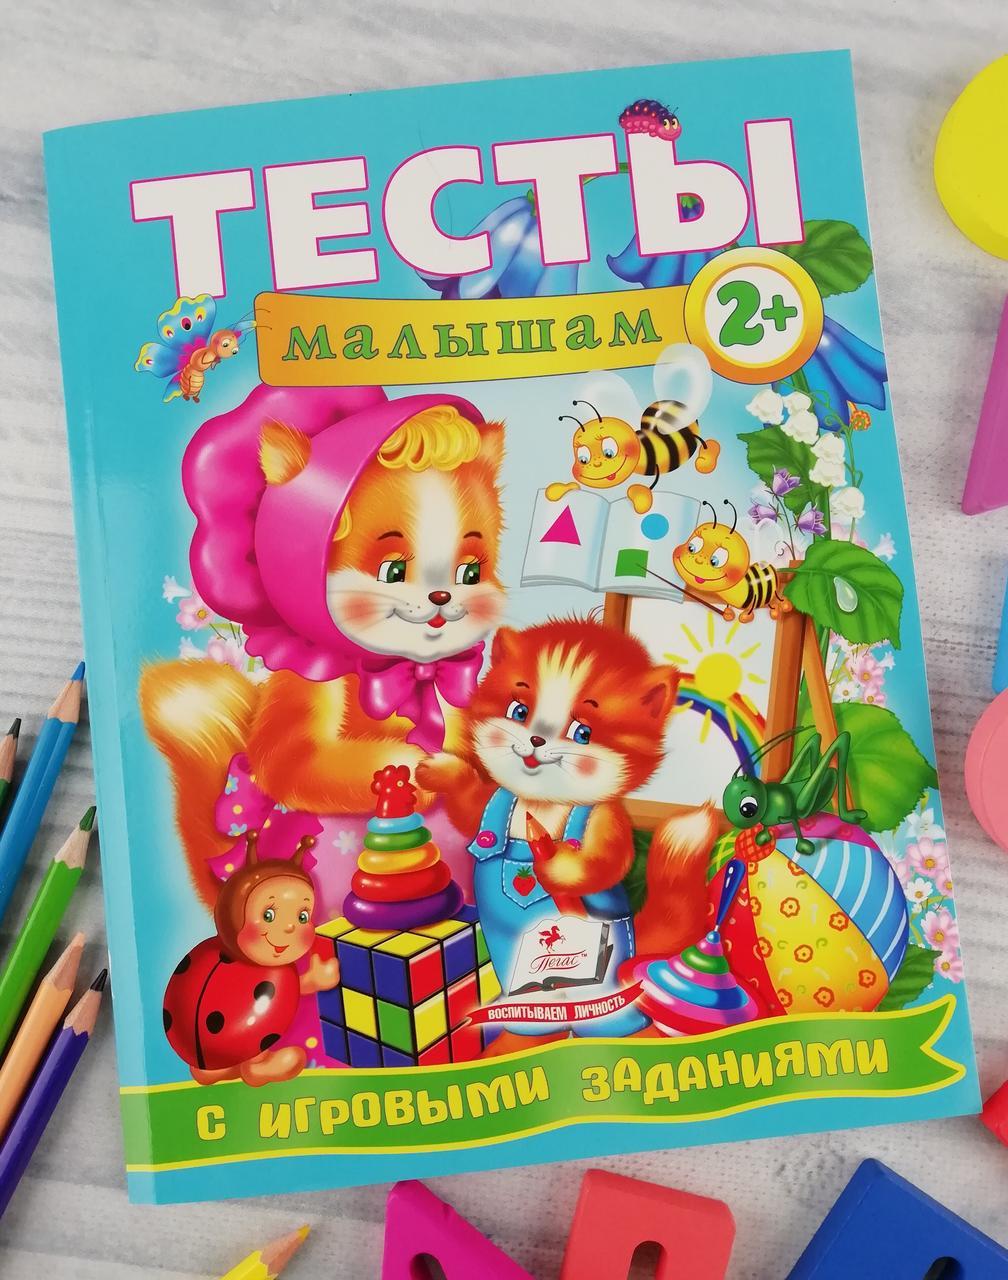 Развивающая книга. Тесты малышам 2+ с игровыми заданиями 87674 Пегас Украина